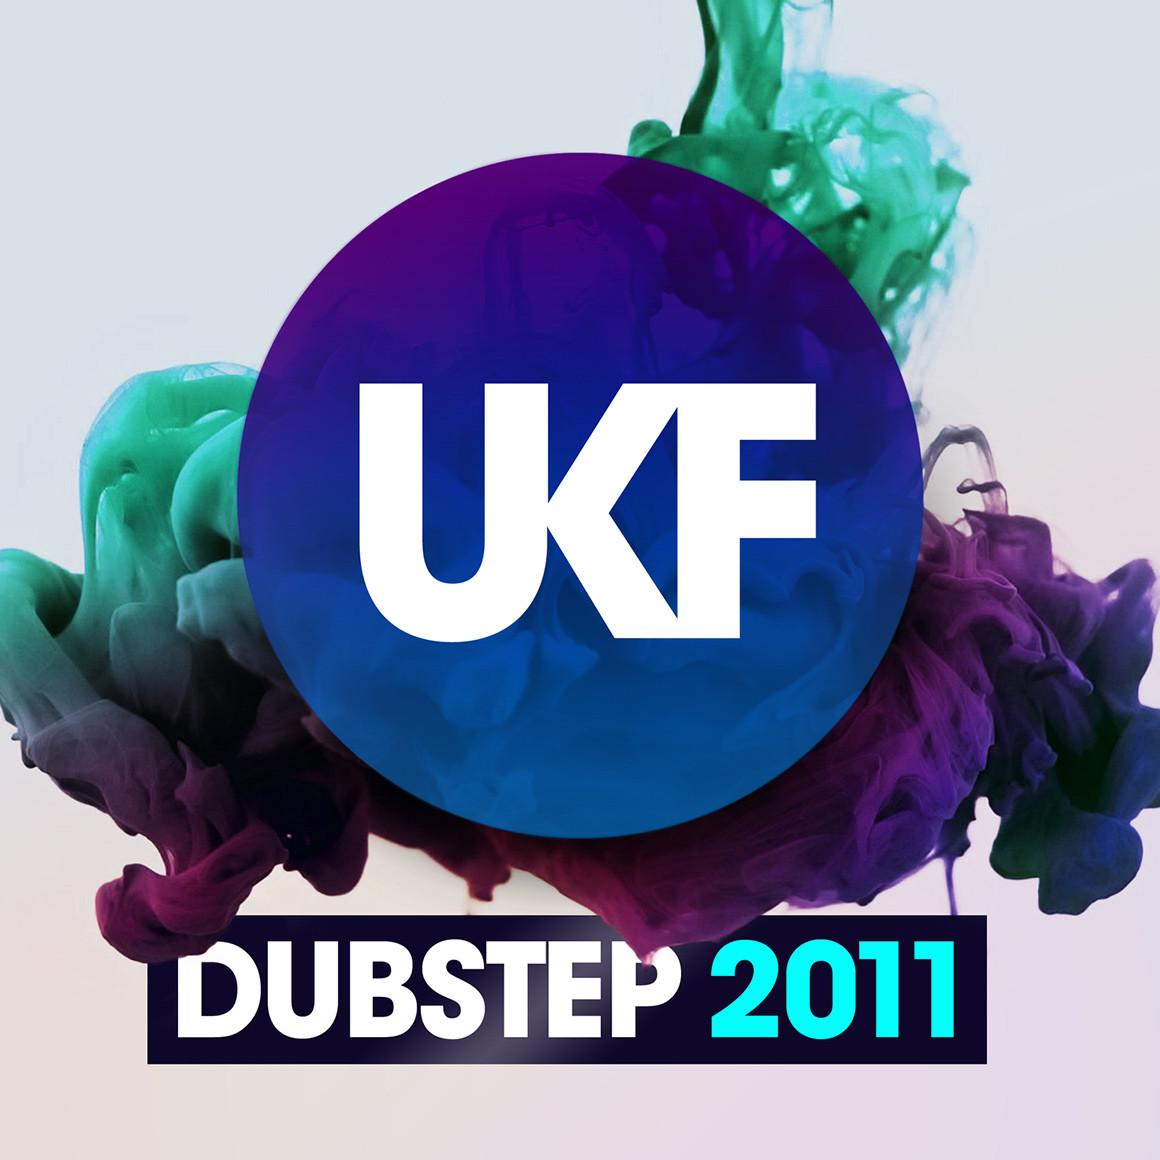 ukf2011